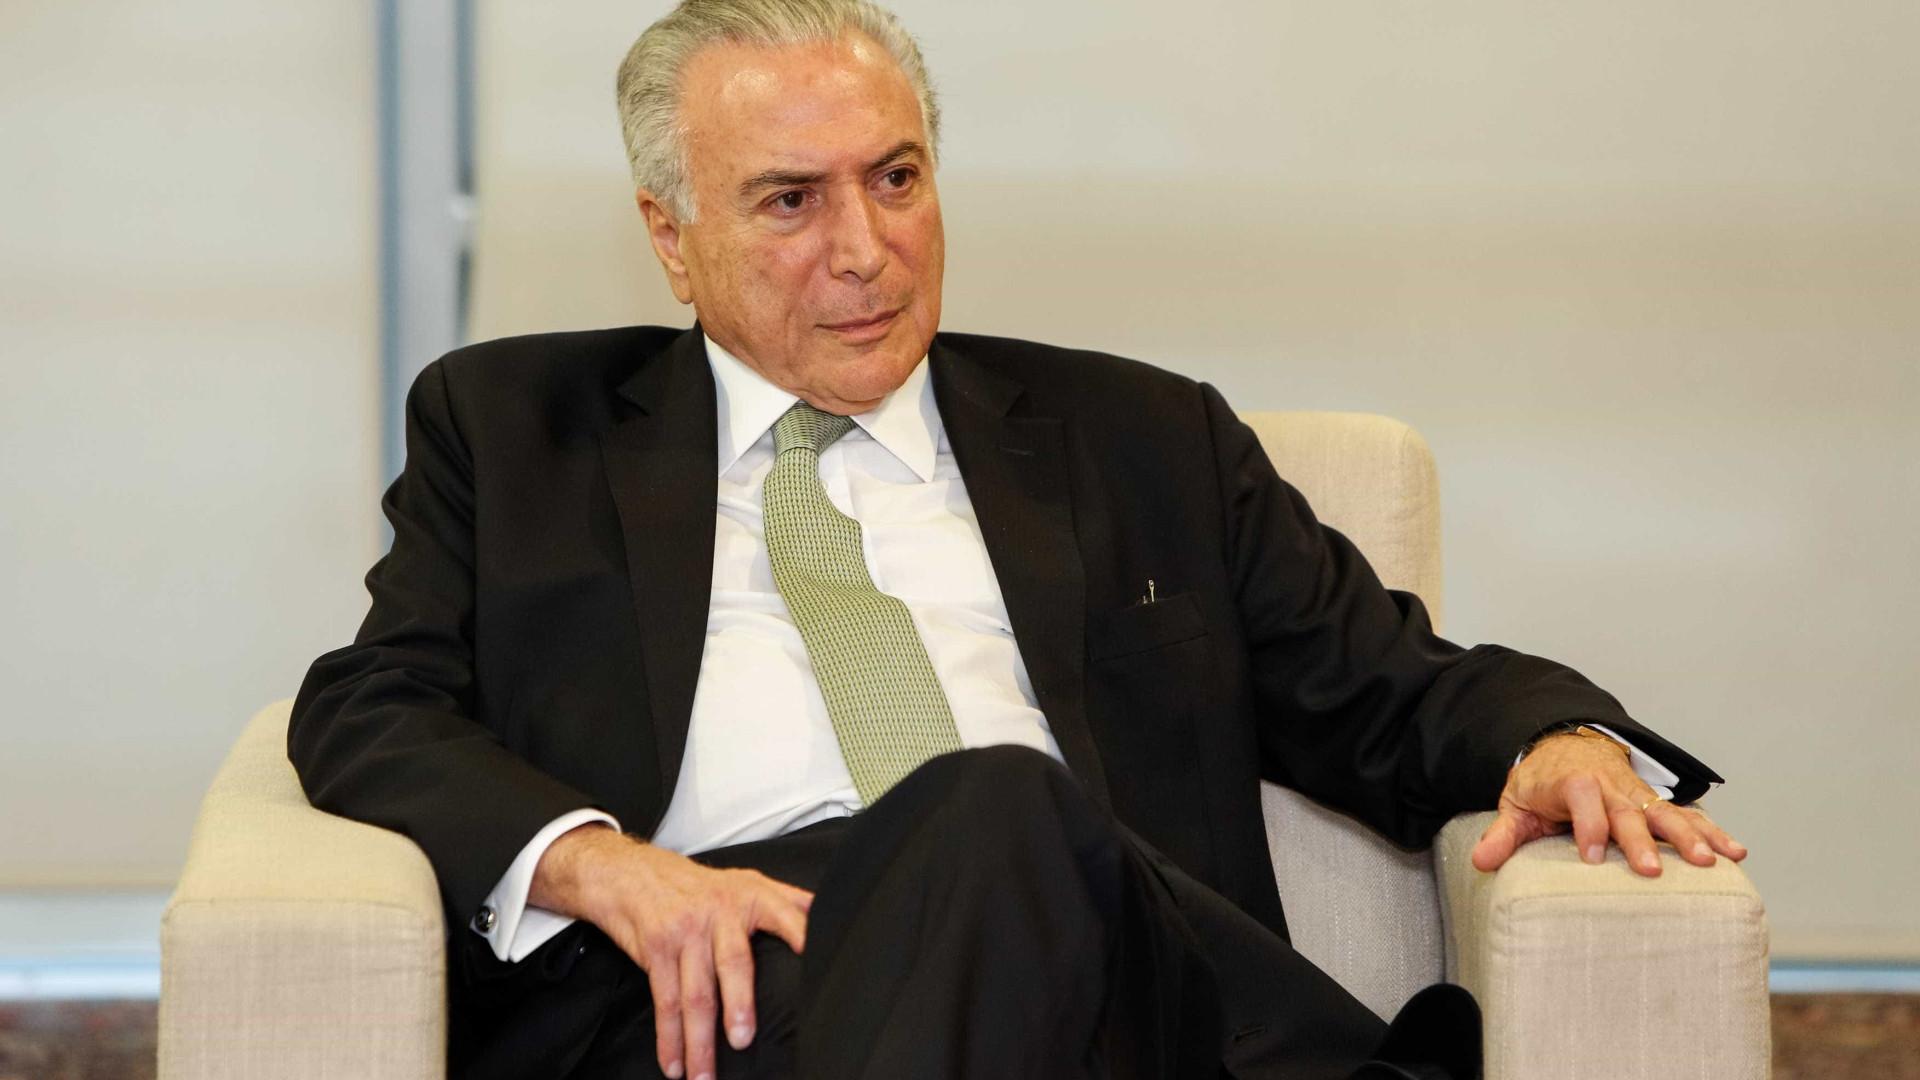 Temer realiza consulta de revisão urológica em São Paulo